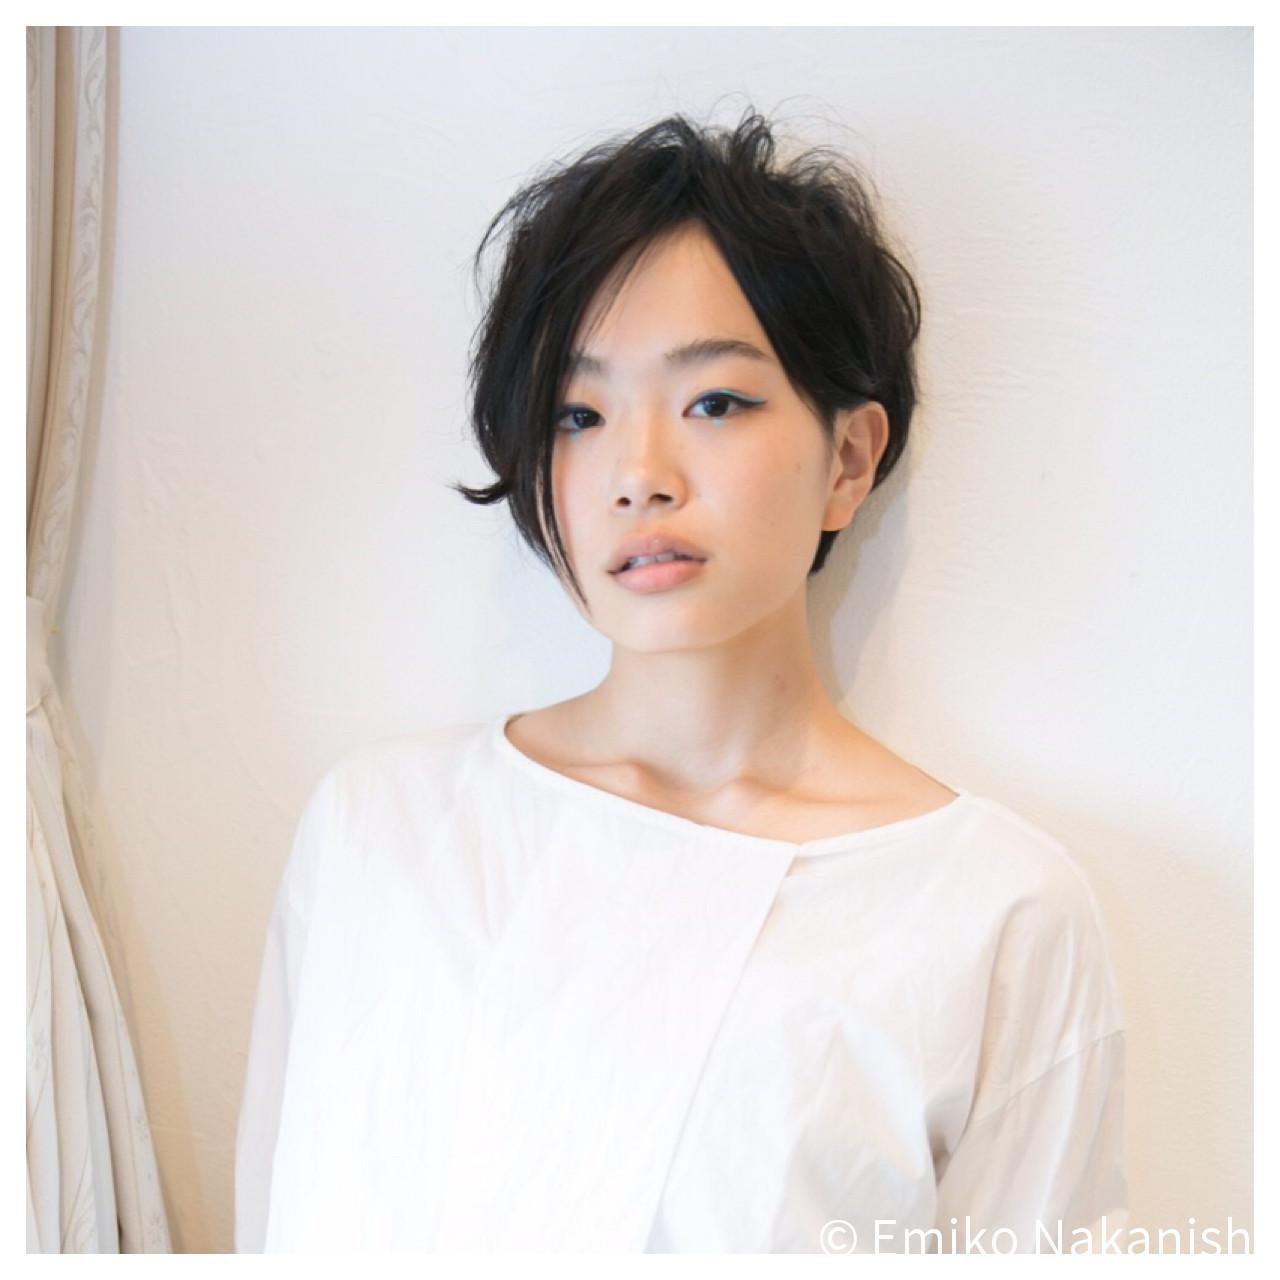 黒髪×マニッシュショートでクールに Emiko Nakanishi